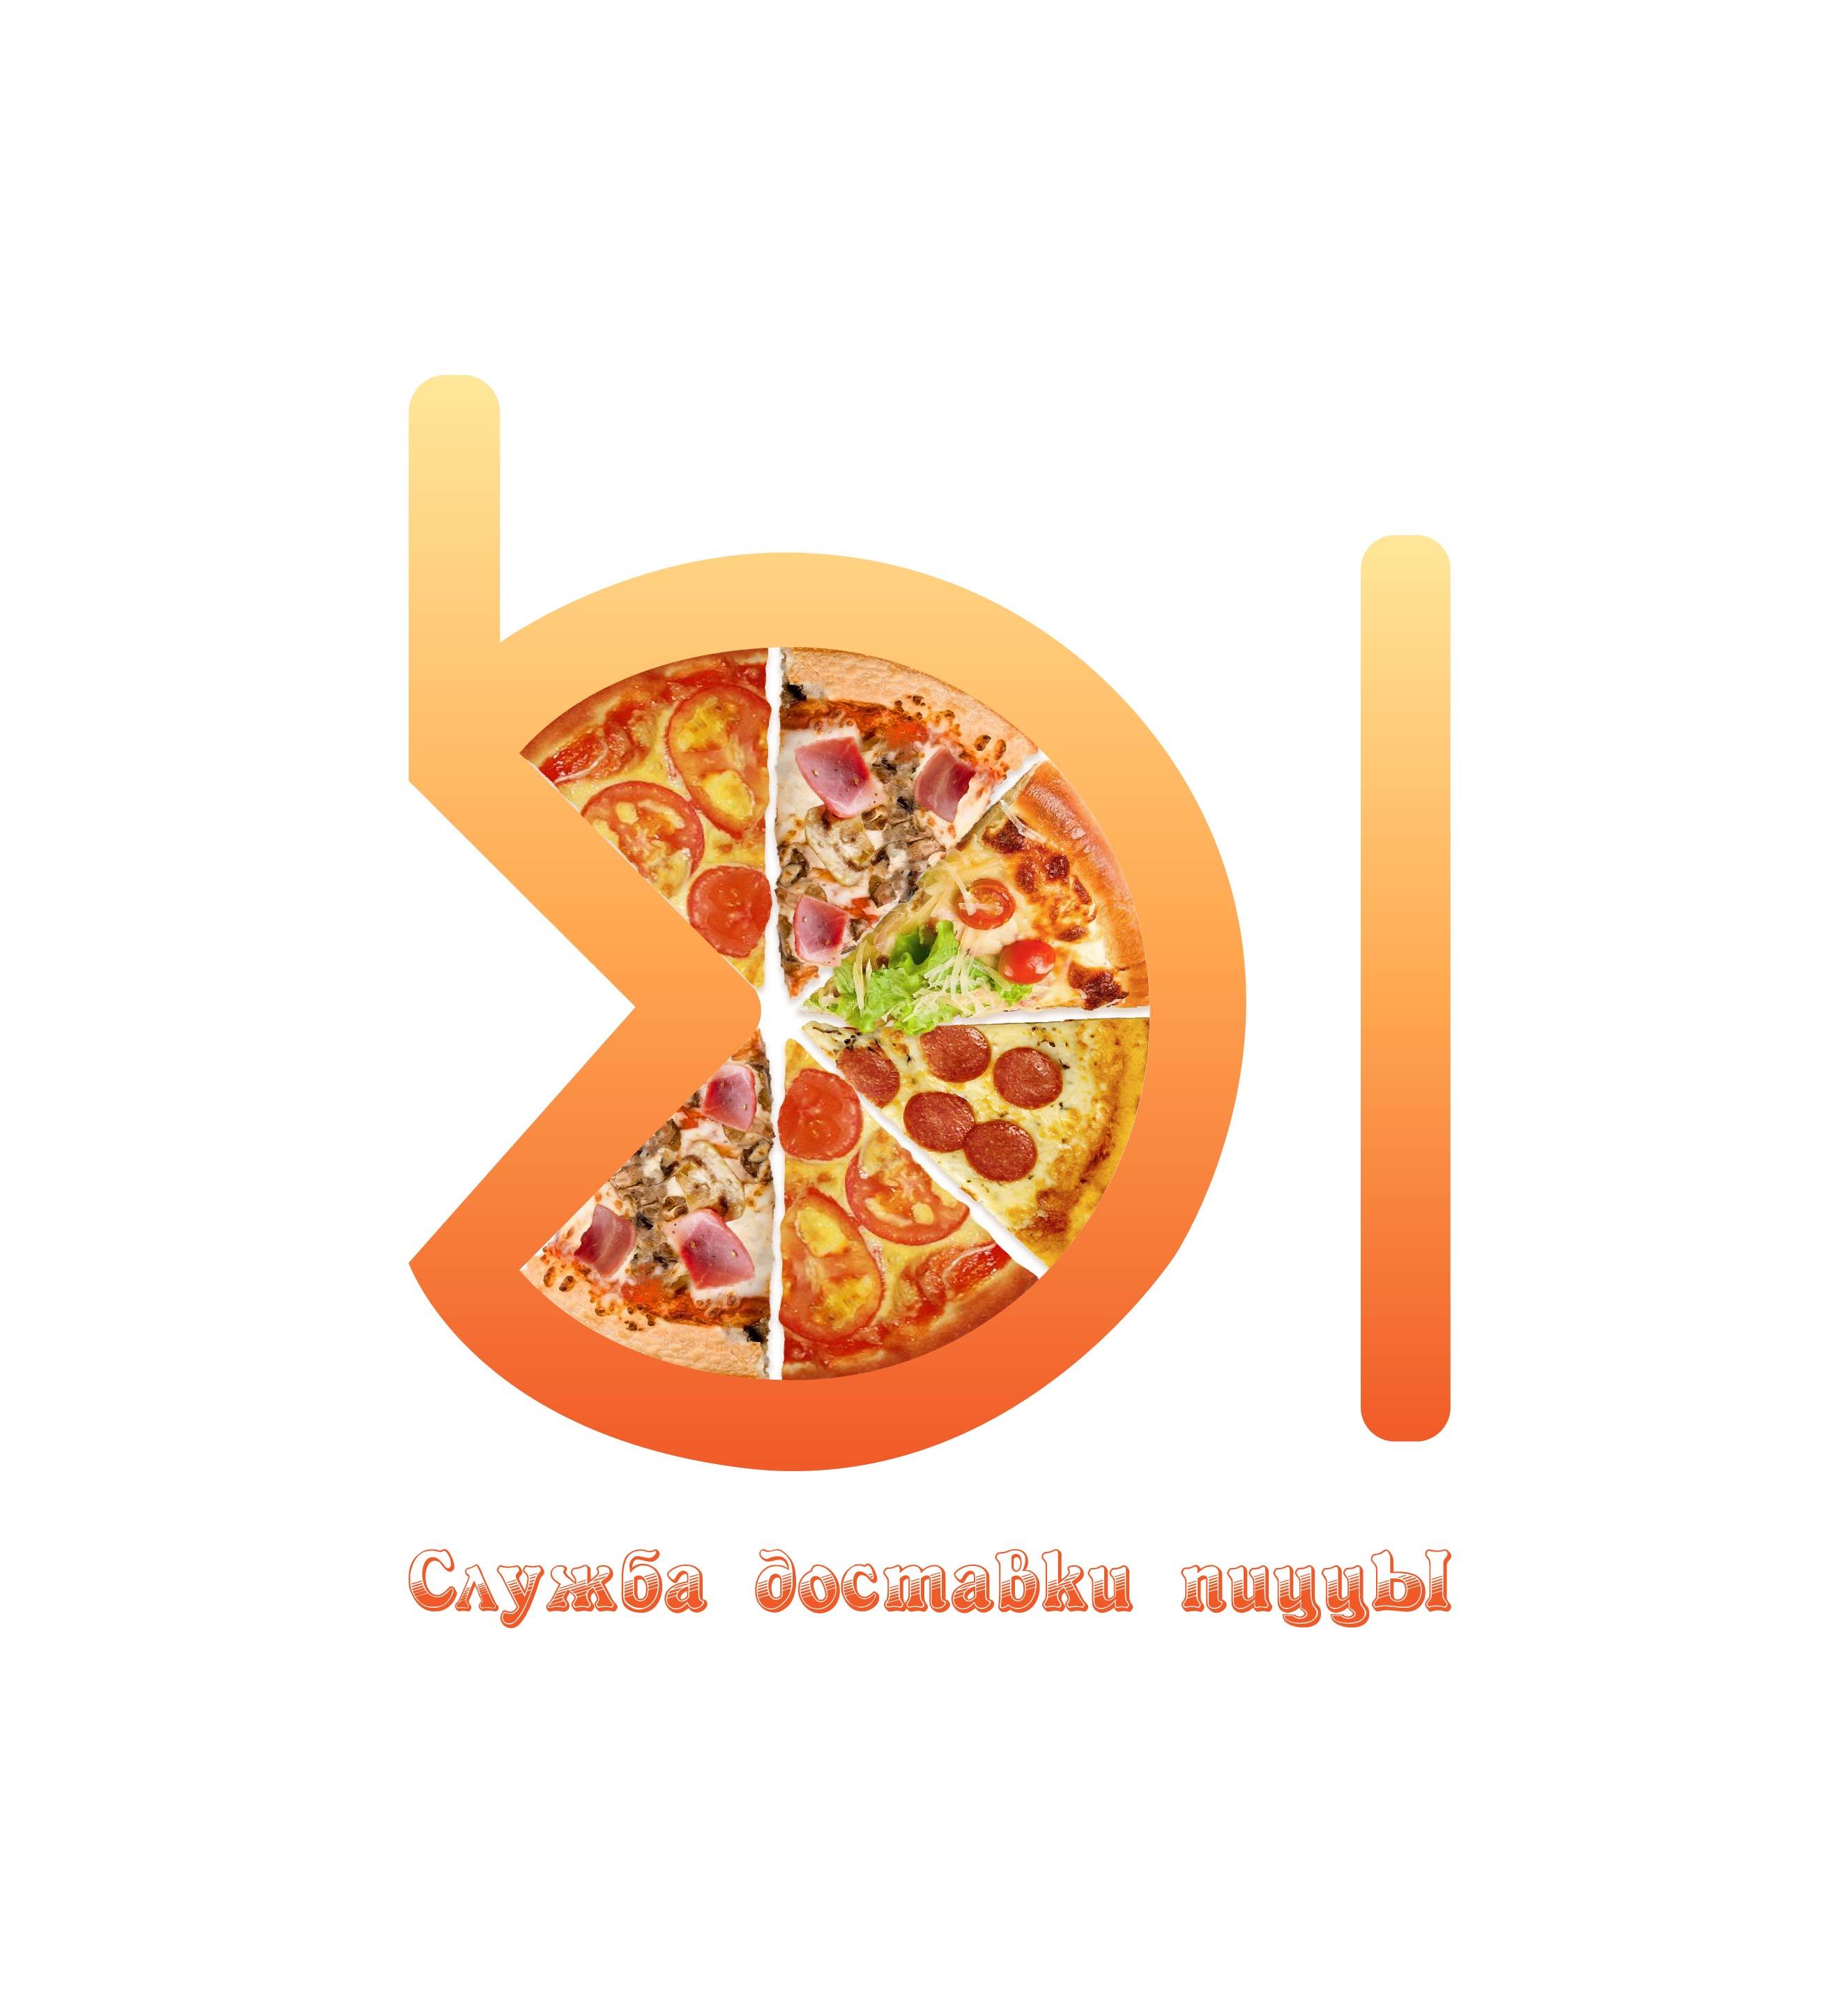 Разыскивается дизайнер для разработки лого службы доставки фото f_2795c34b01182a1f.jpg